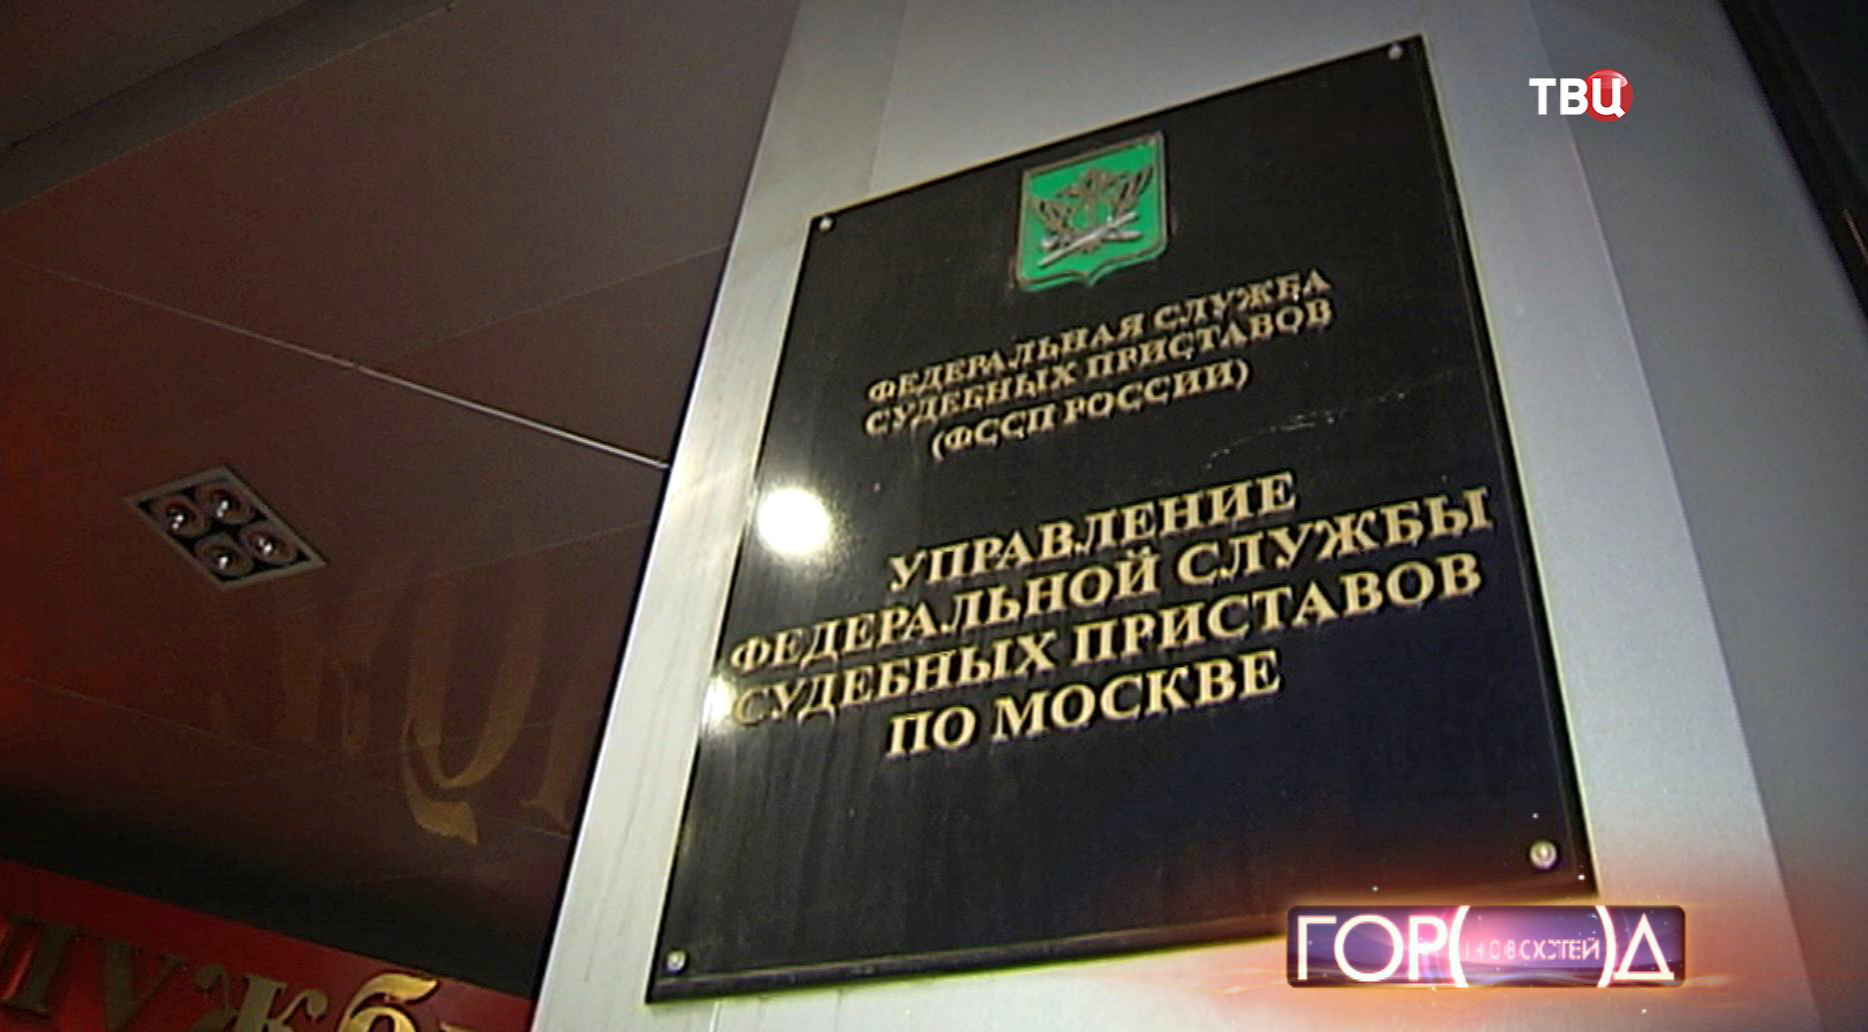 Управление федеральной службы судебных приставов по Москве